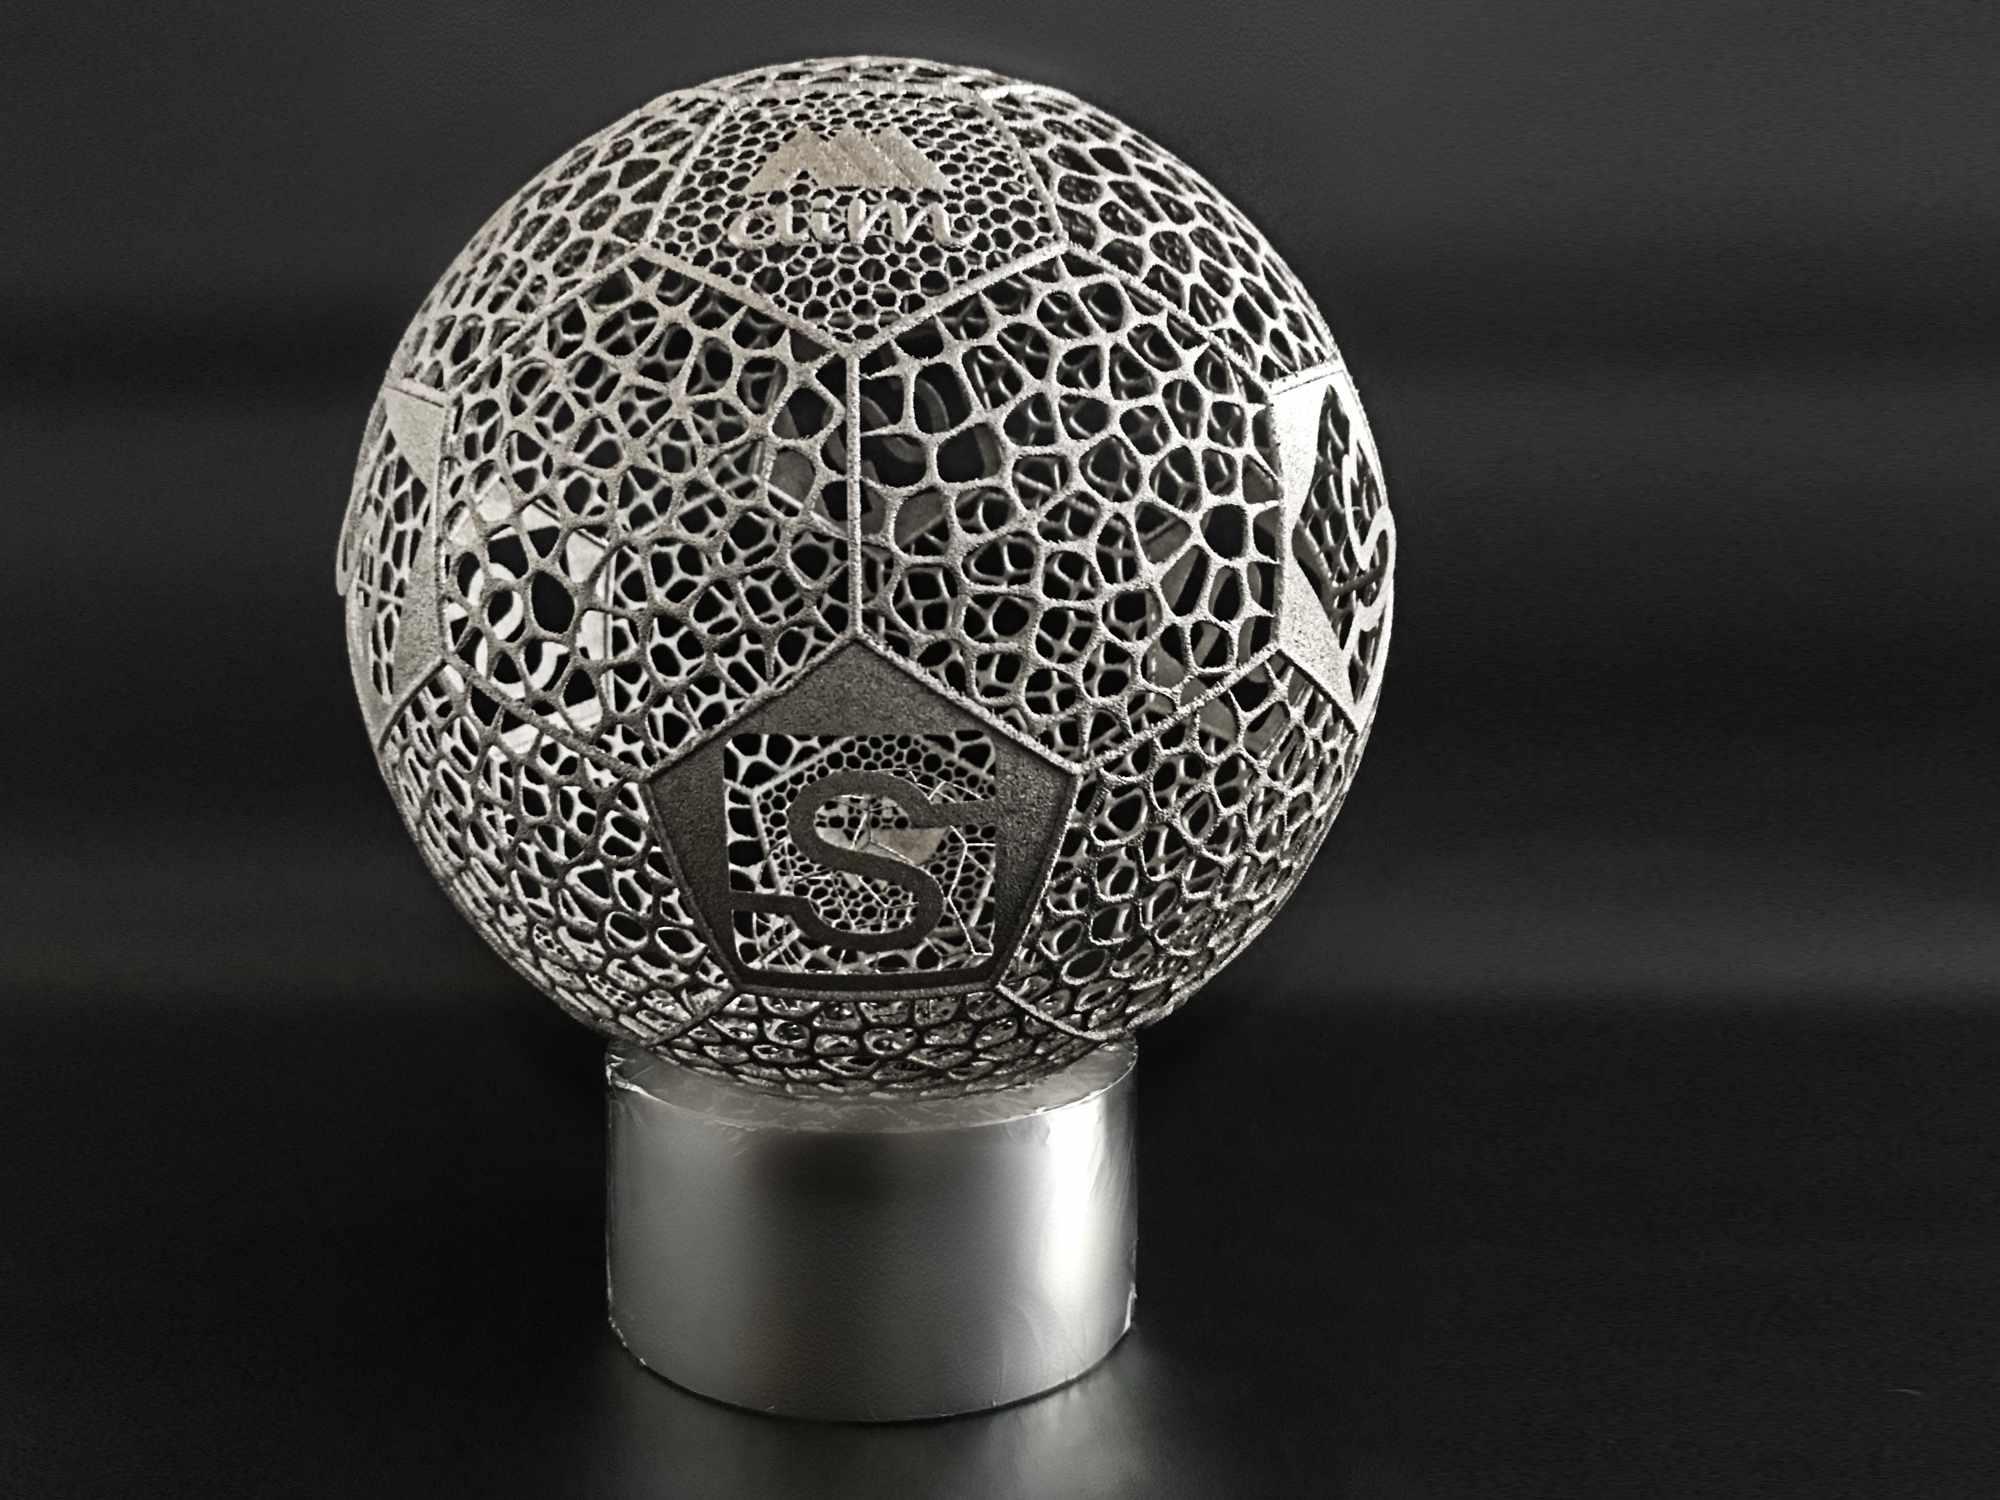 3D Metalldruck biometrischer Fussball Aim Achema